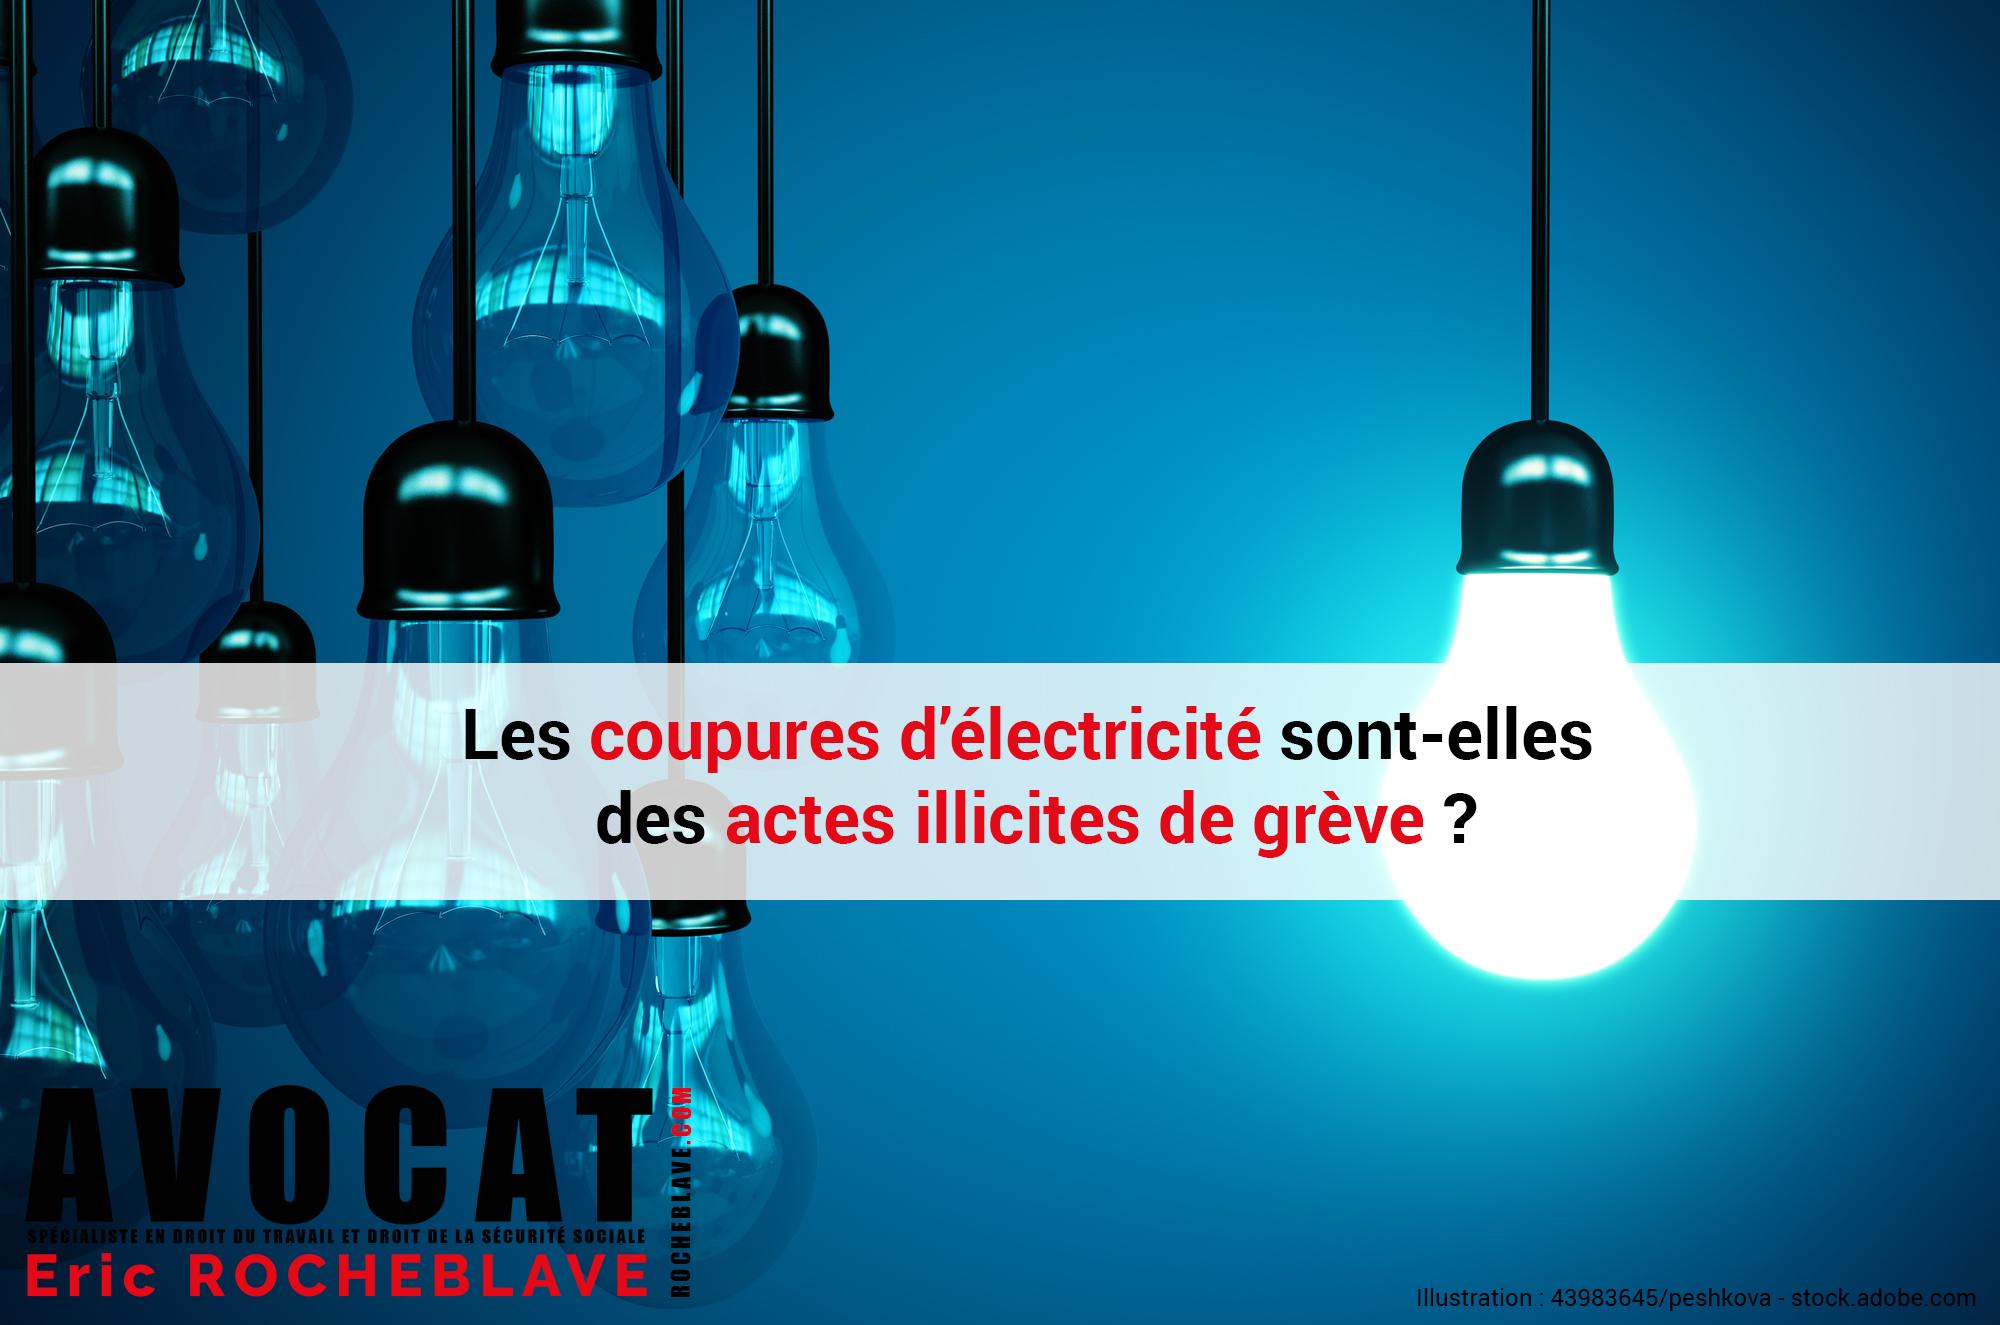 Les coupures d'électricité sont-elles des actes illicites de grève ?